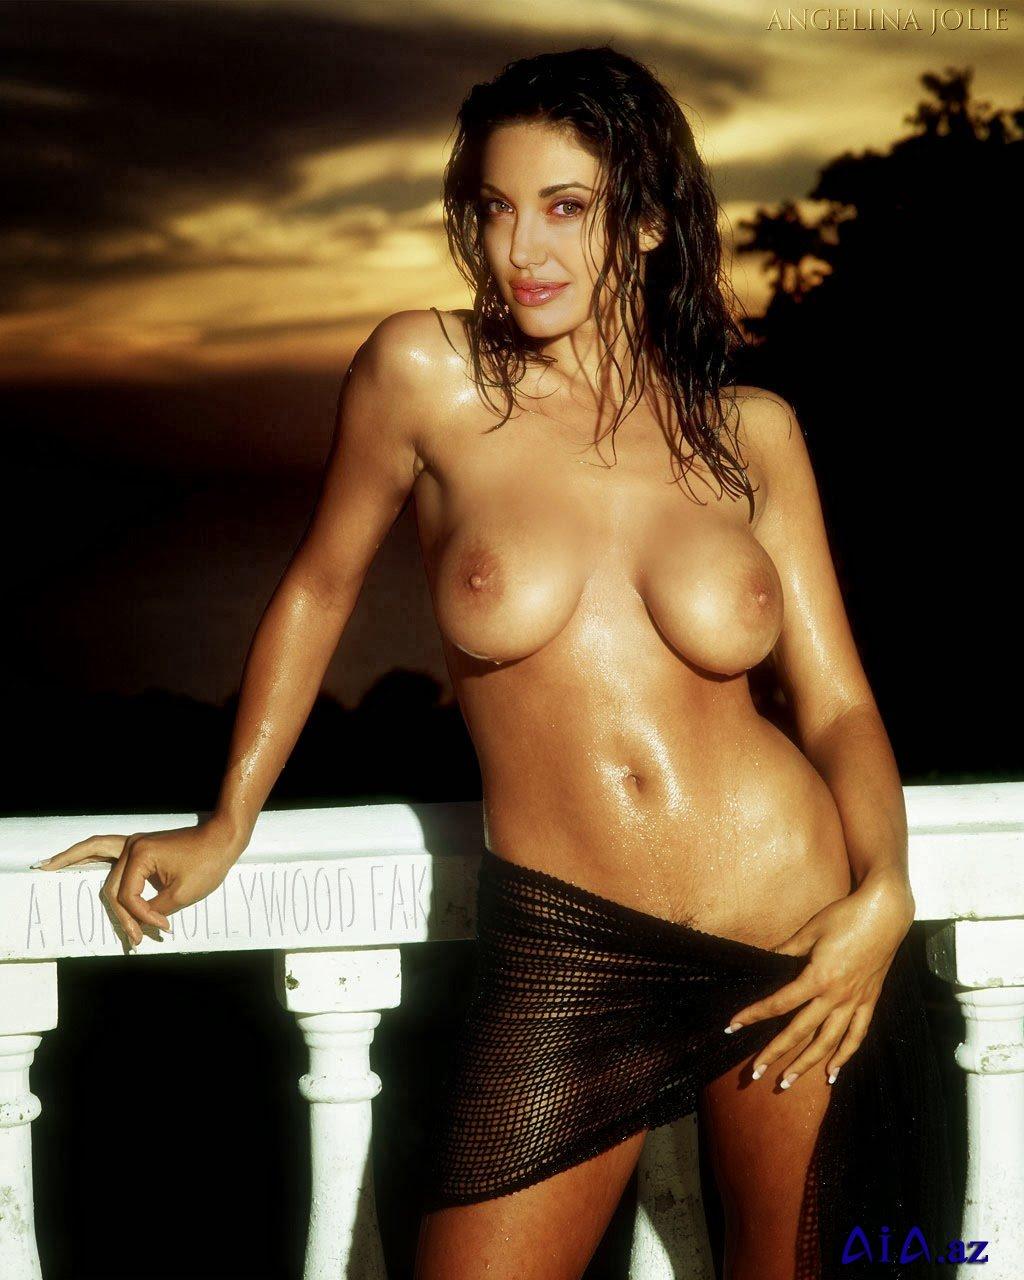 украшают интерьеры фото зарубежных актрис голами признанию знаменитости